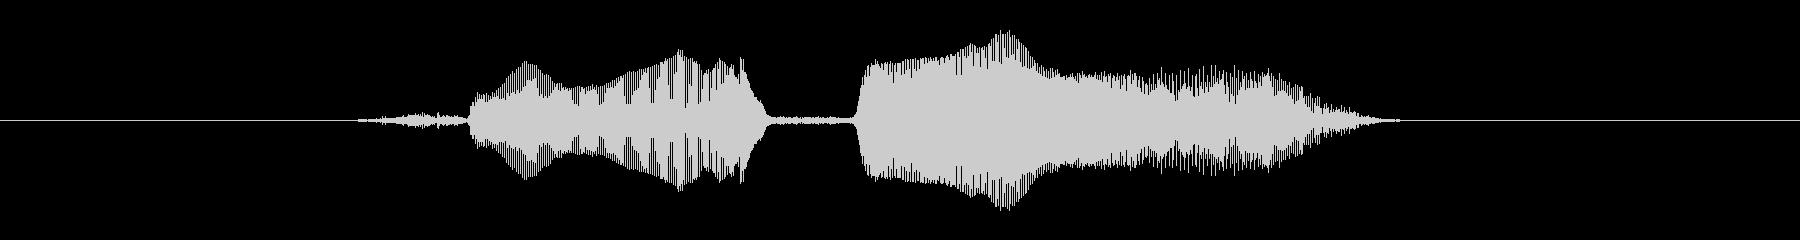 セーフ!の未再生の波形